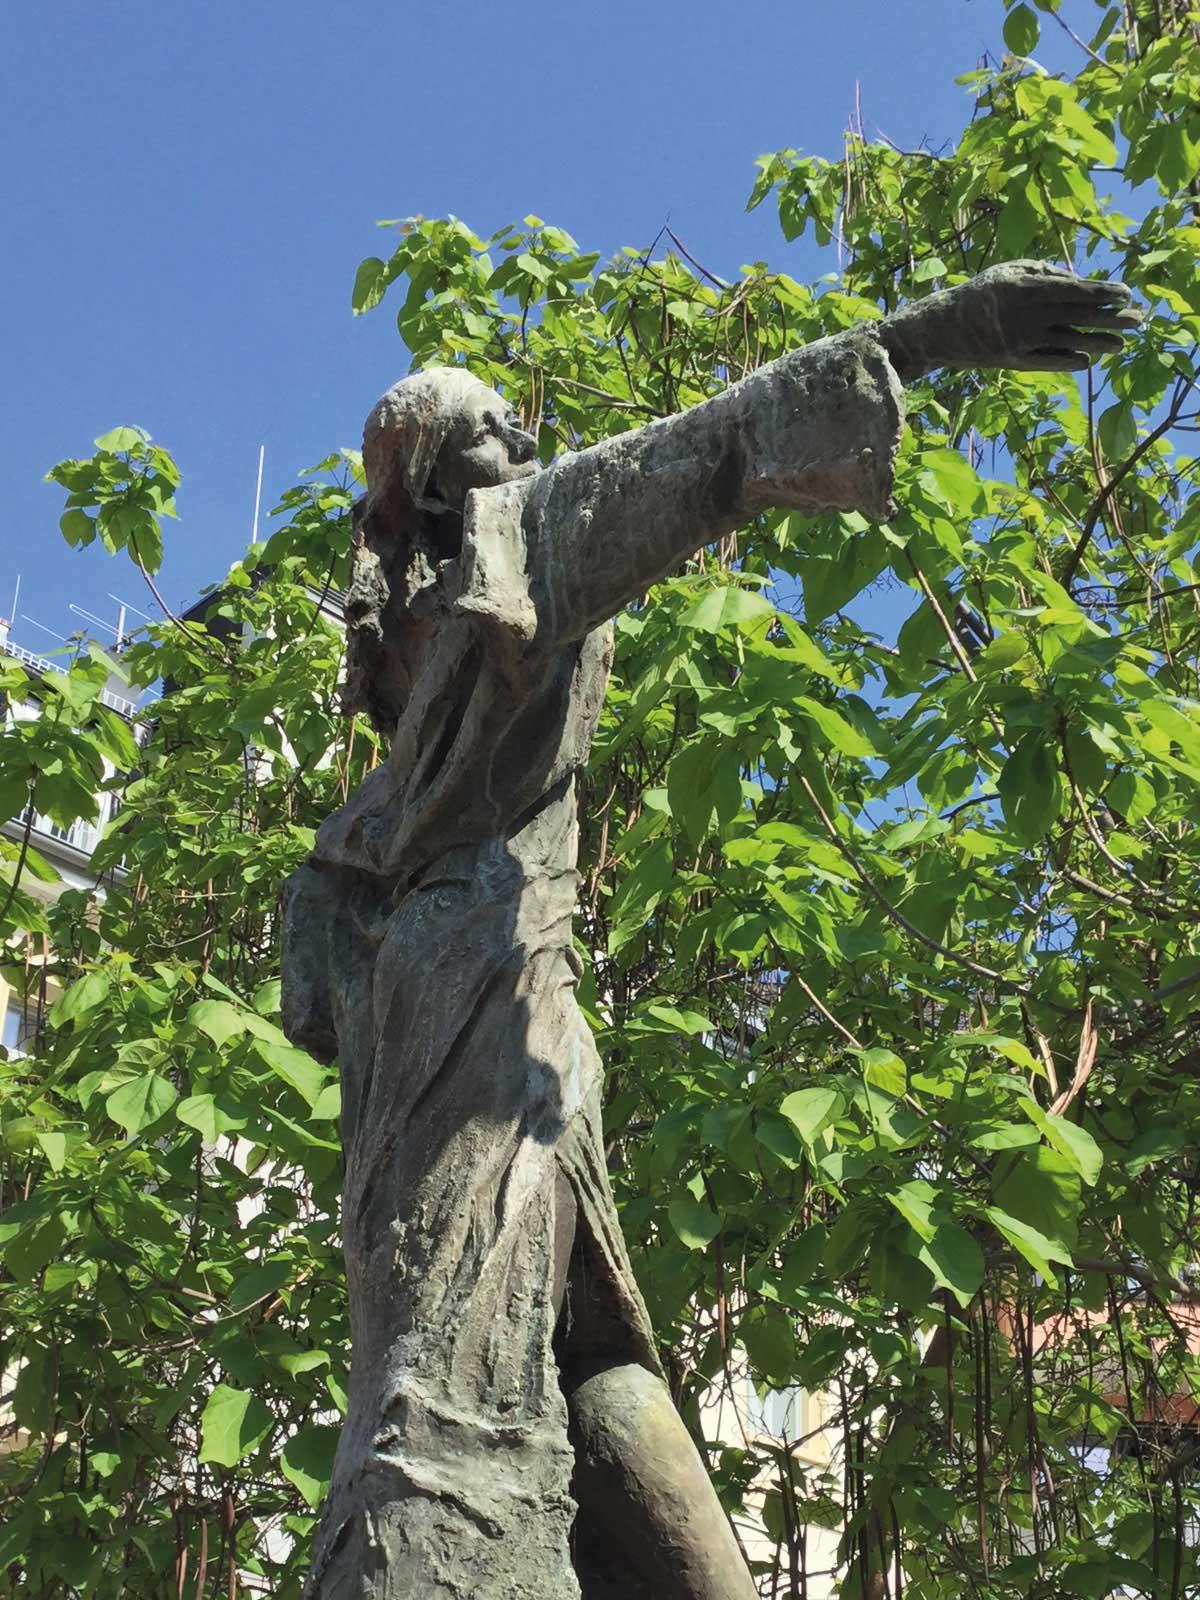 Seniorenzentrum-Bruder-Konrad-Stift-Statue-13